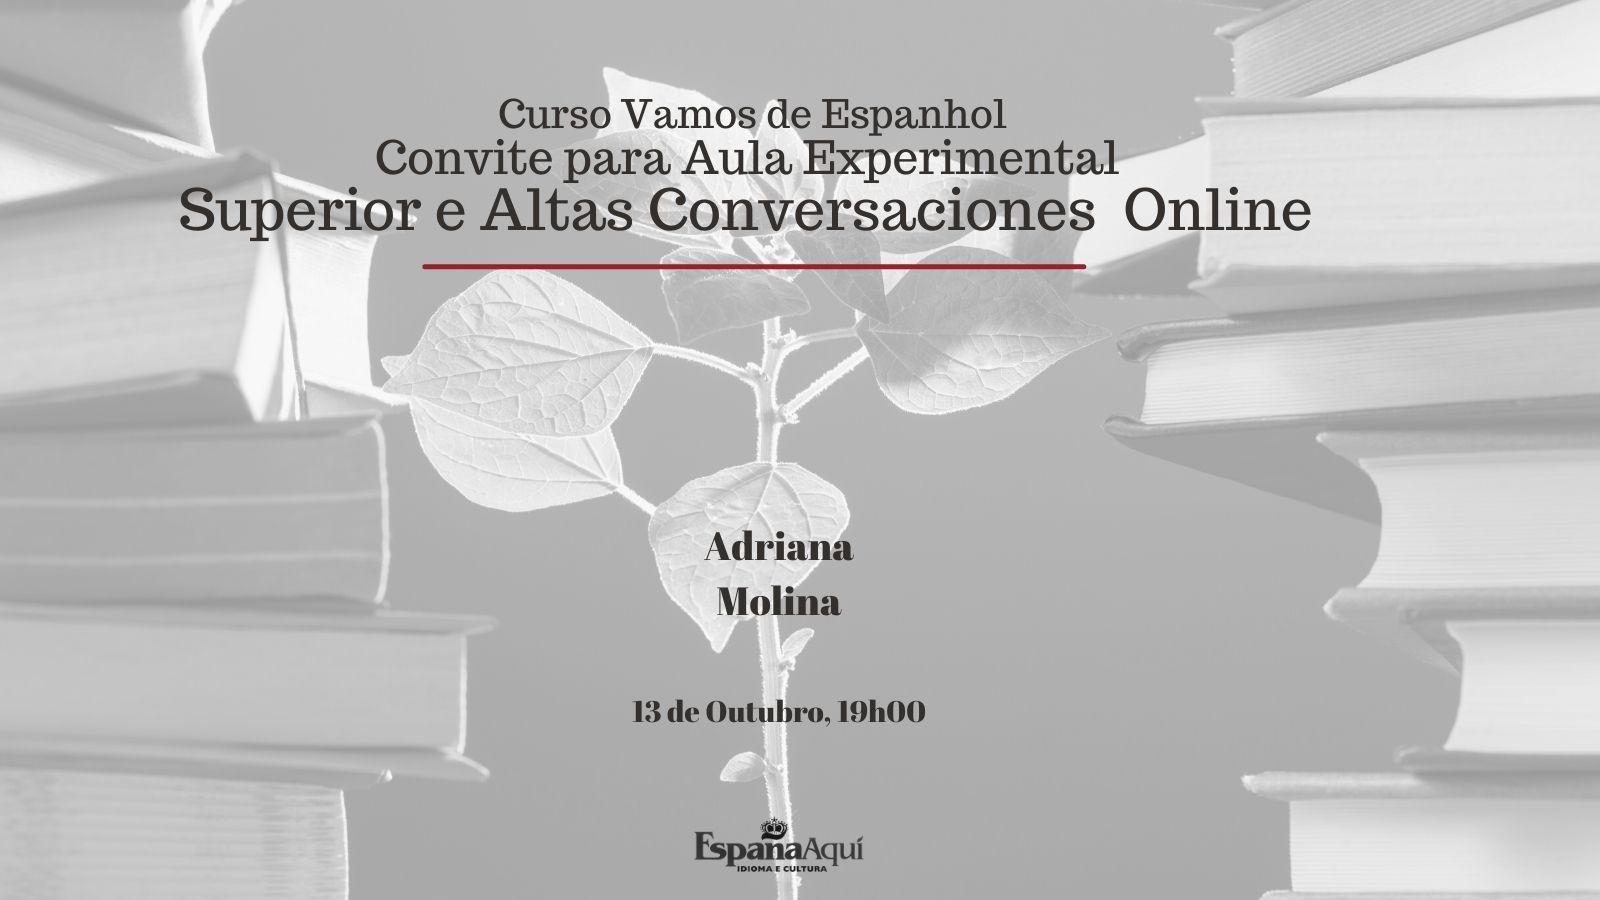 https://www.espanaaqui.com.br/pdf/outubro%202021/Altas%20Conversaciones.%2013%20de%20Outubro%20(1).jpg